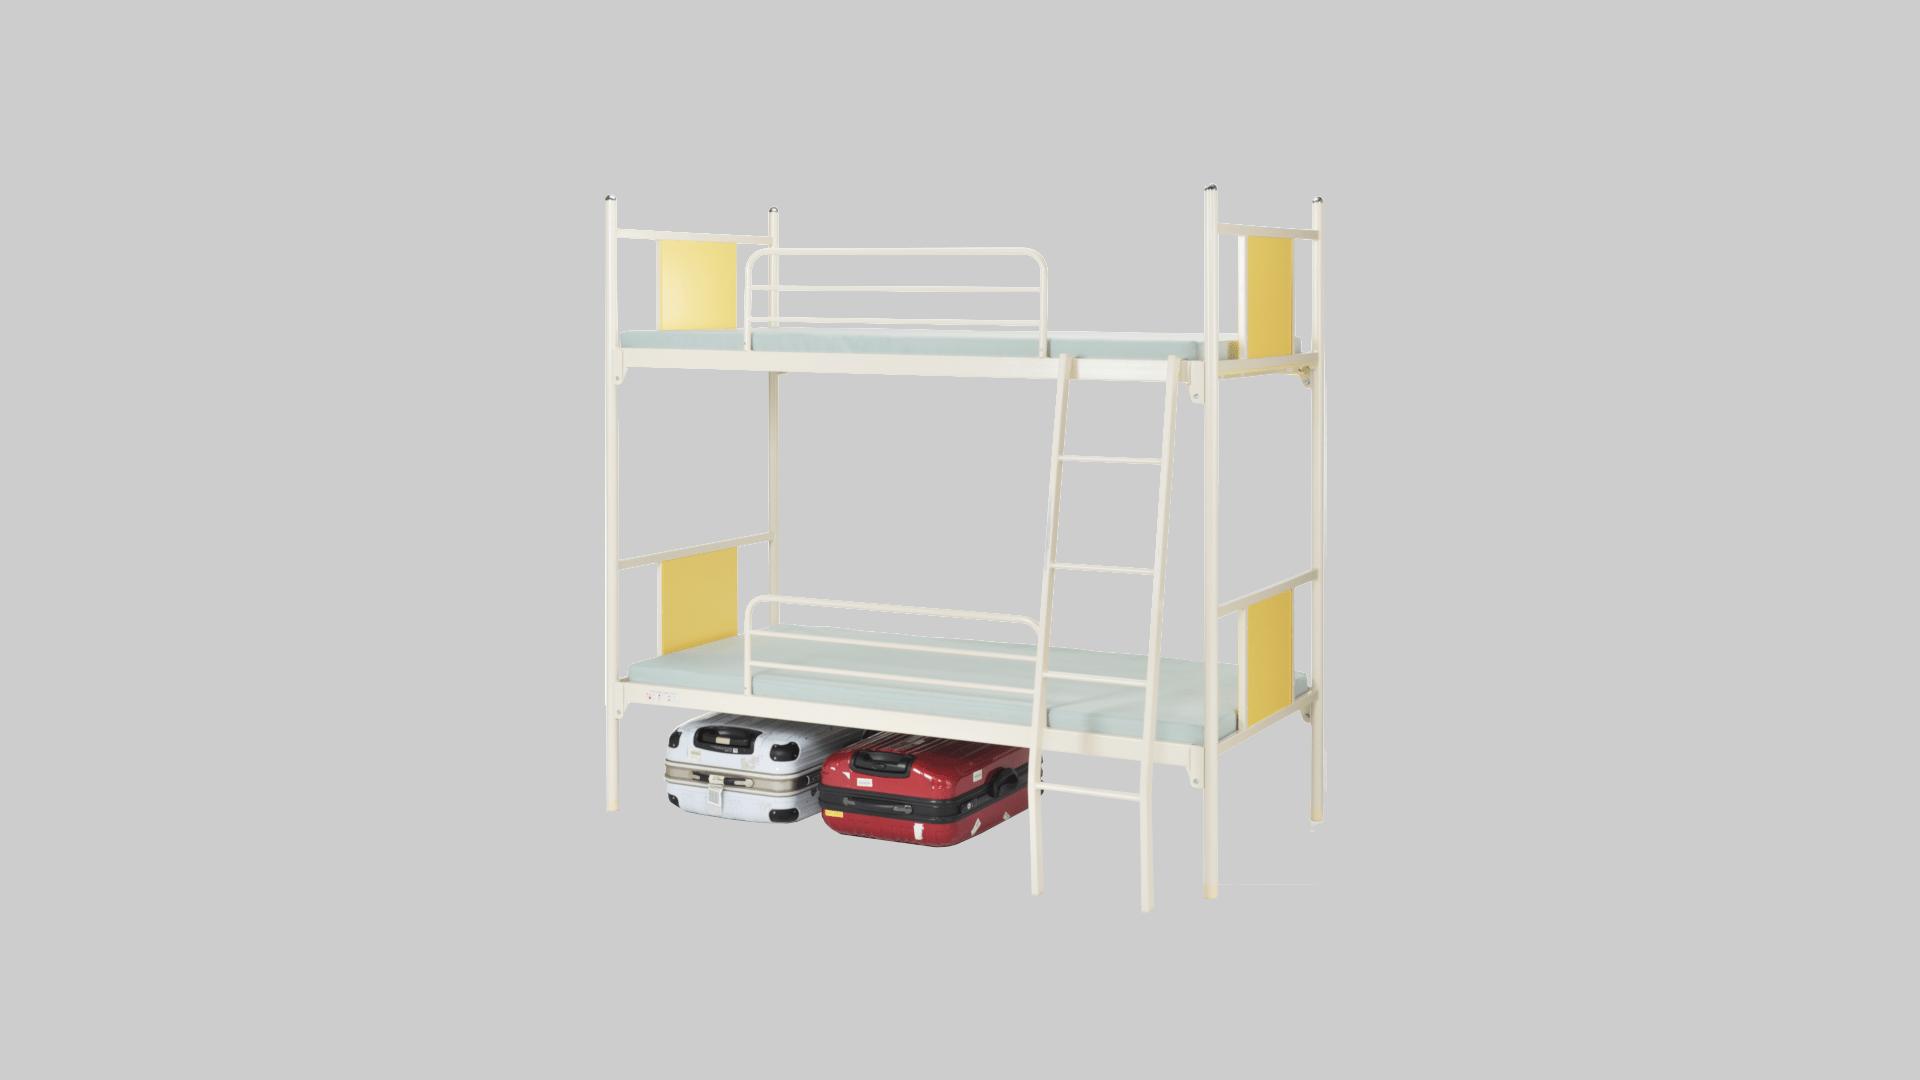 スチール2段ベット⑦サイドレール・梯子付 イメージ